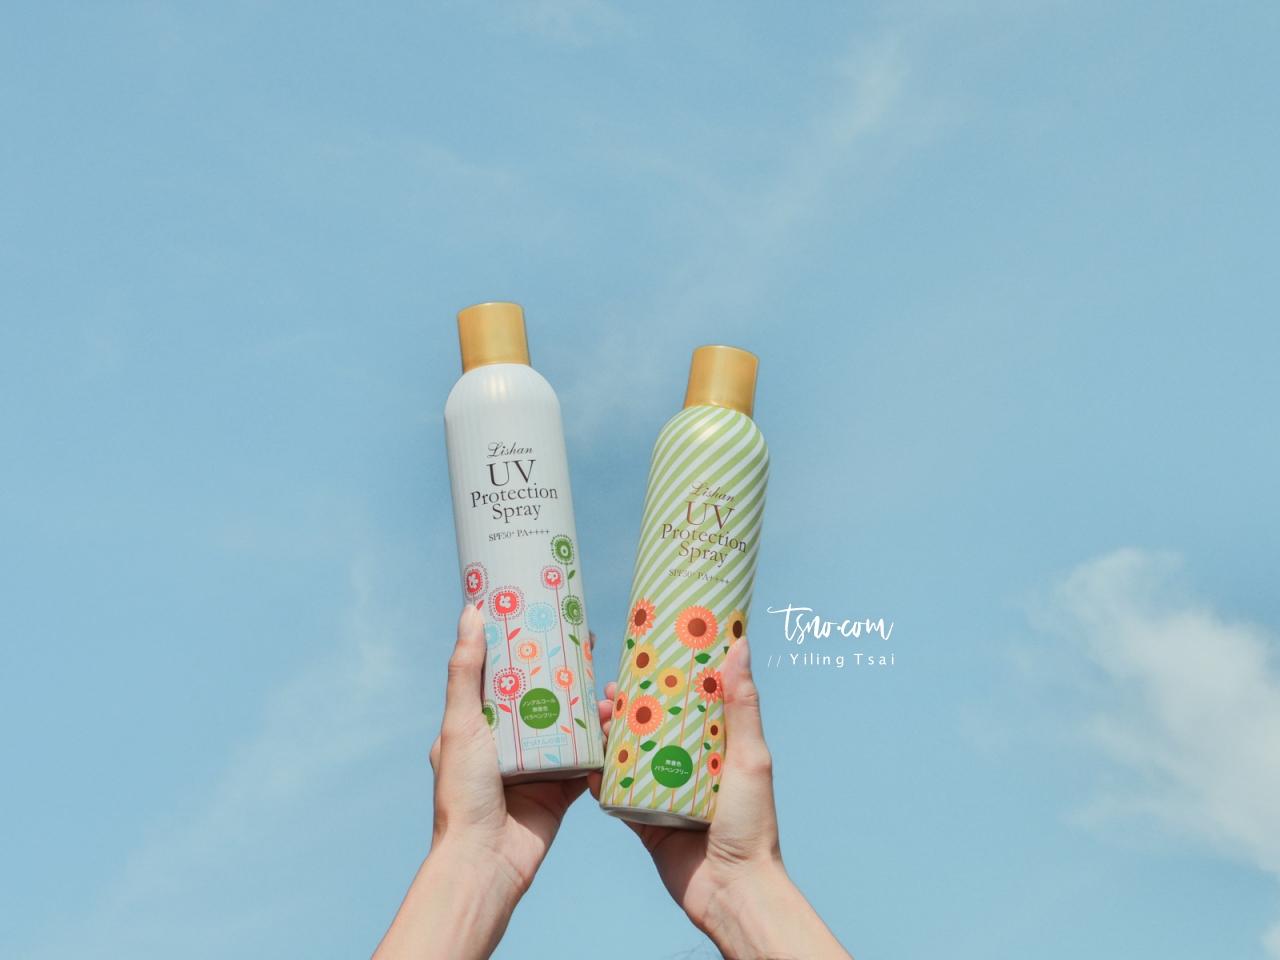 日本超好用 Lishan UV 小花防曬噴霧 SPF50+ PA++++ 清爽不泛白全身都能用